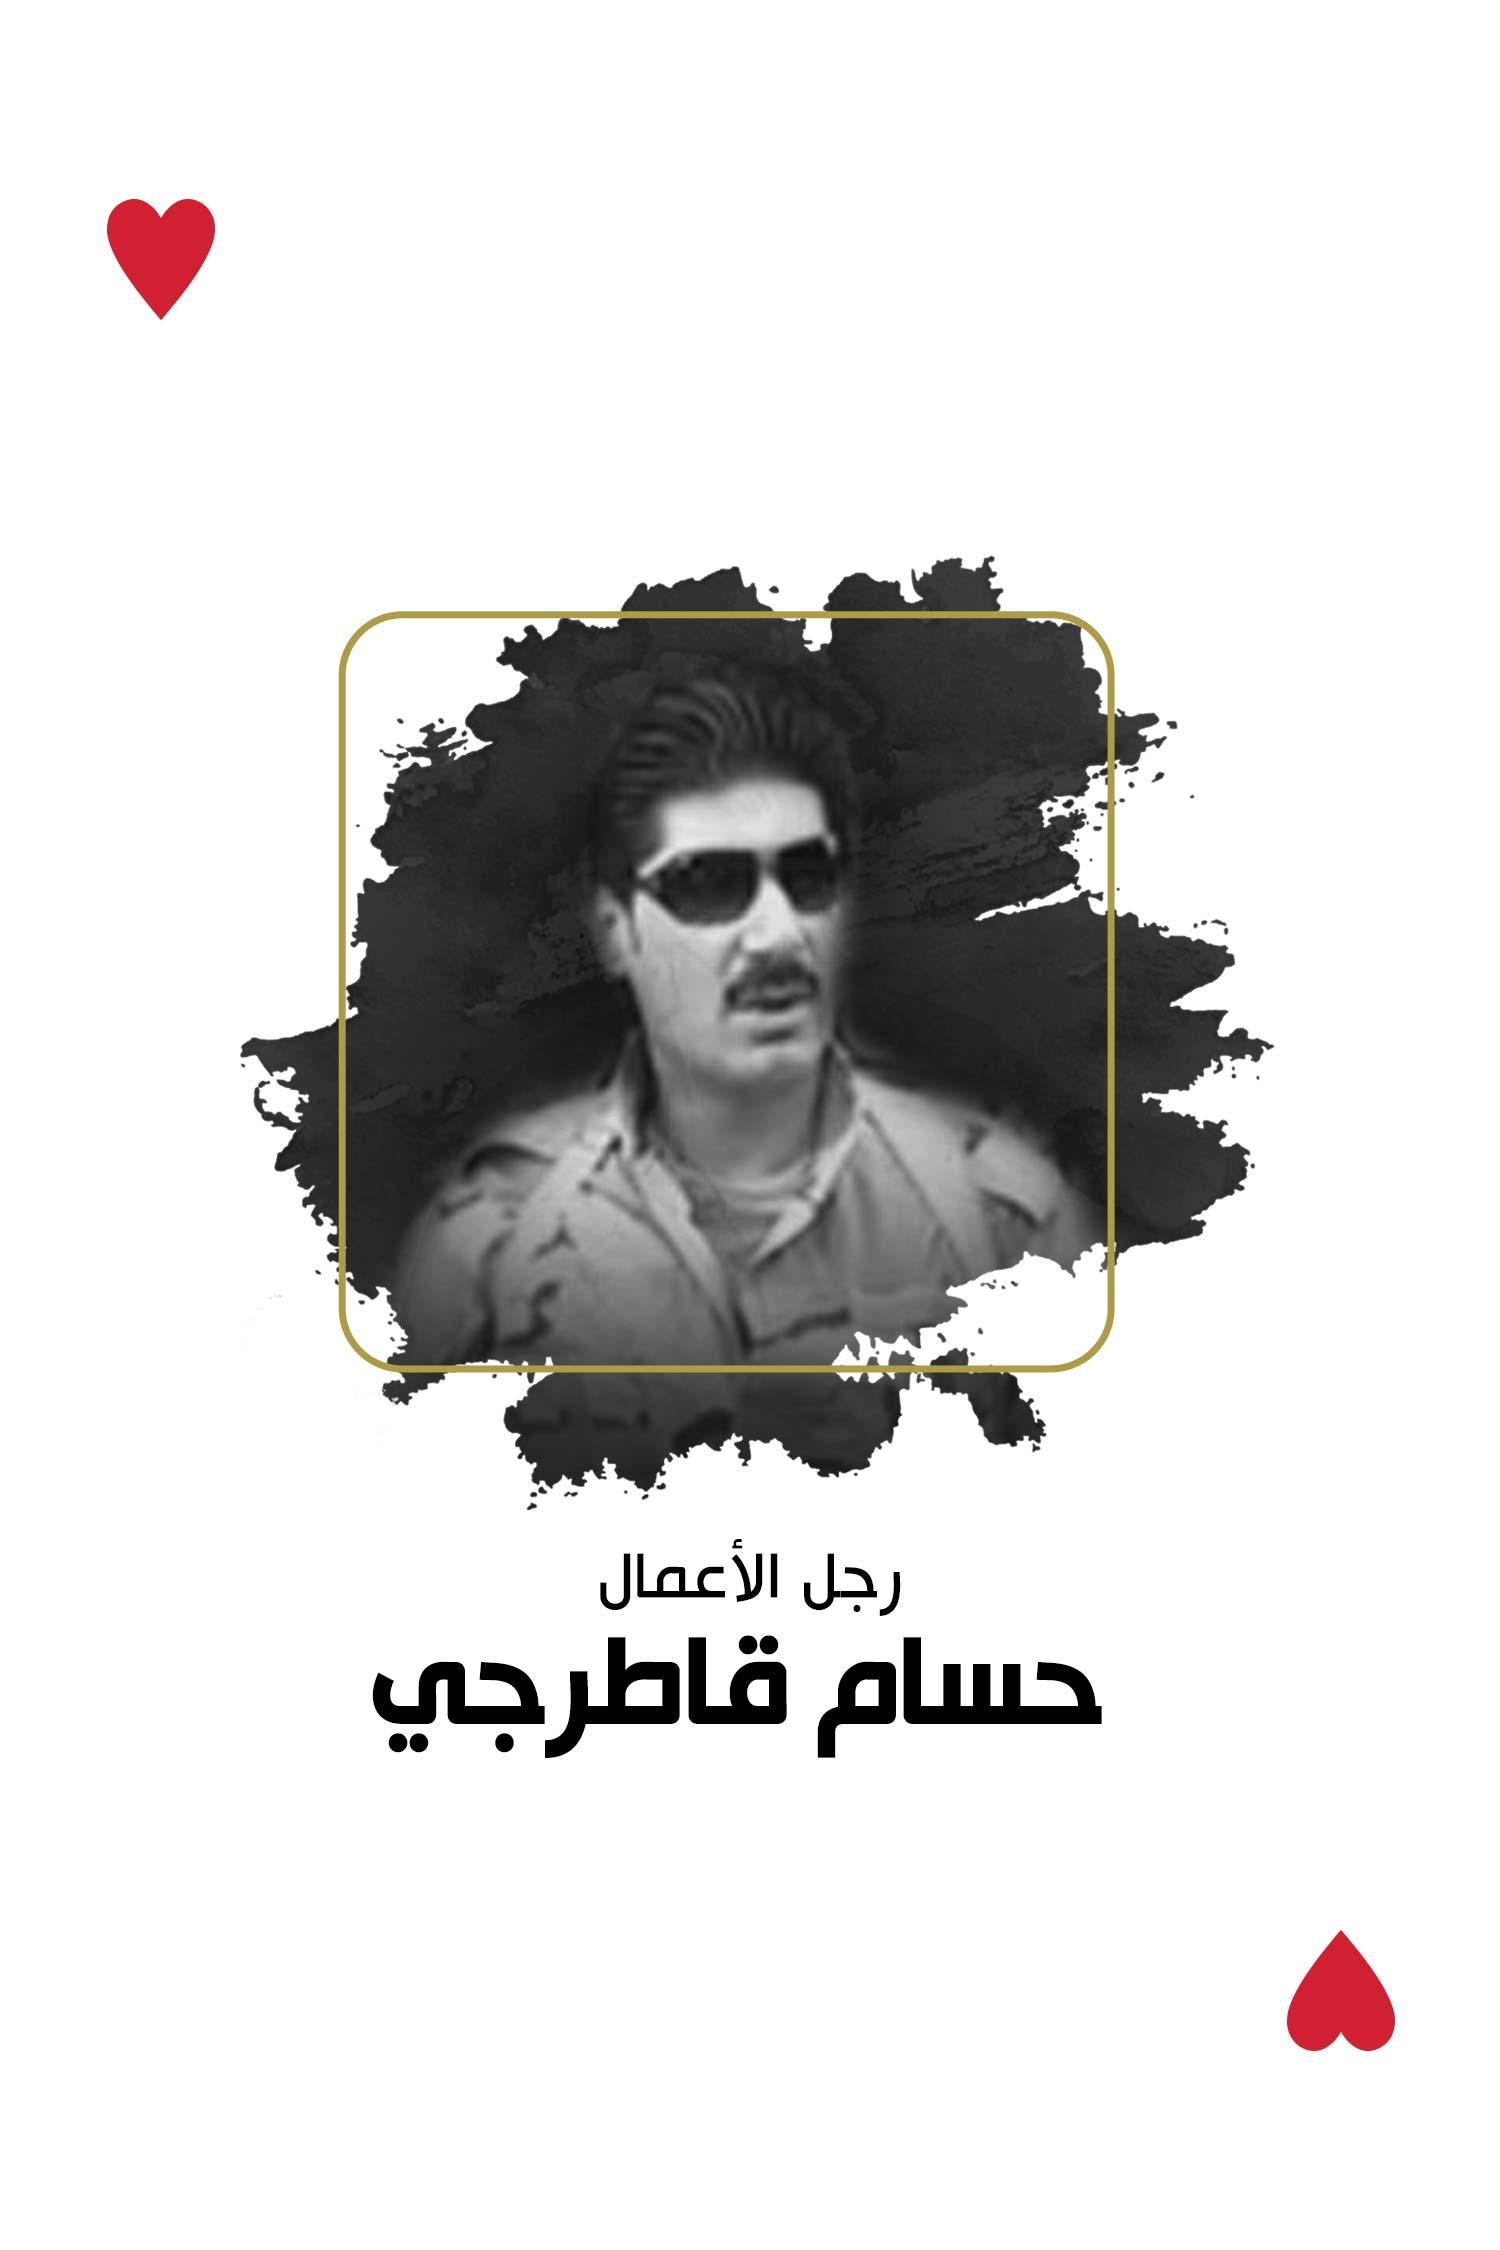 مع العدالة - حسام أحمد قاطرجي